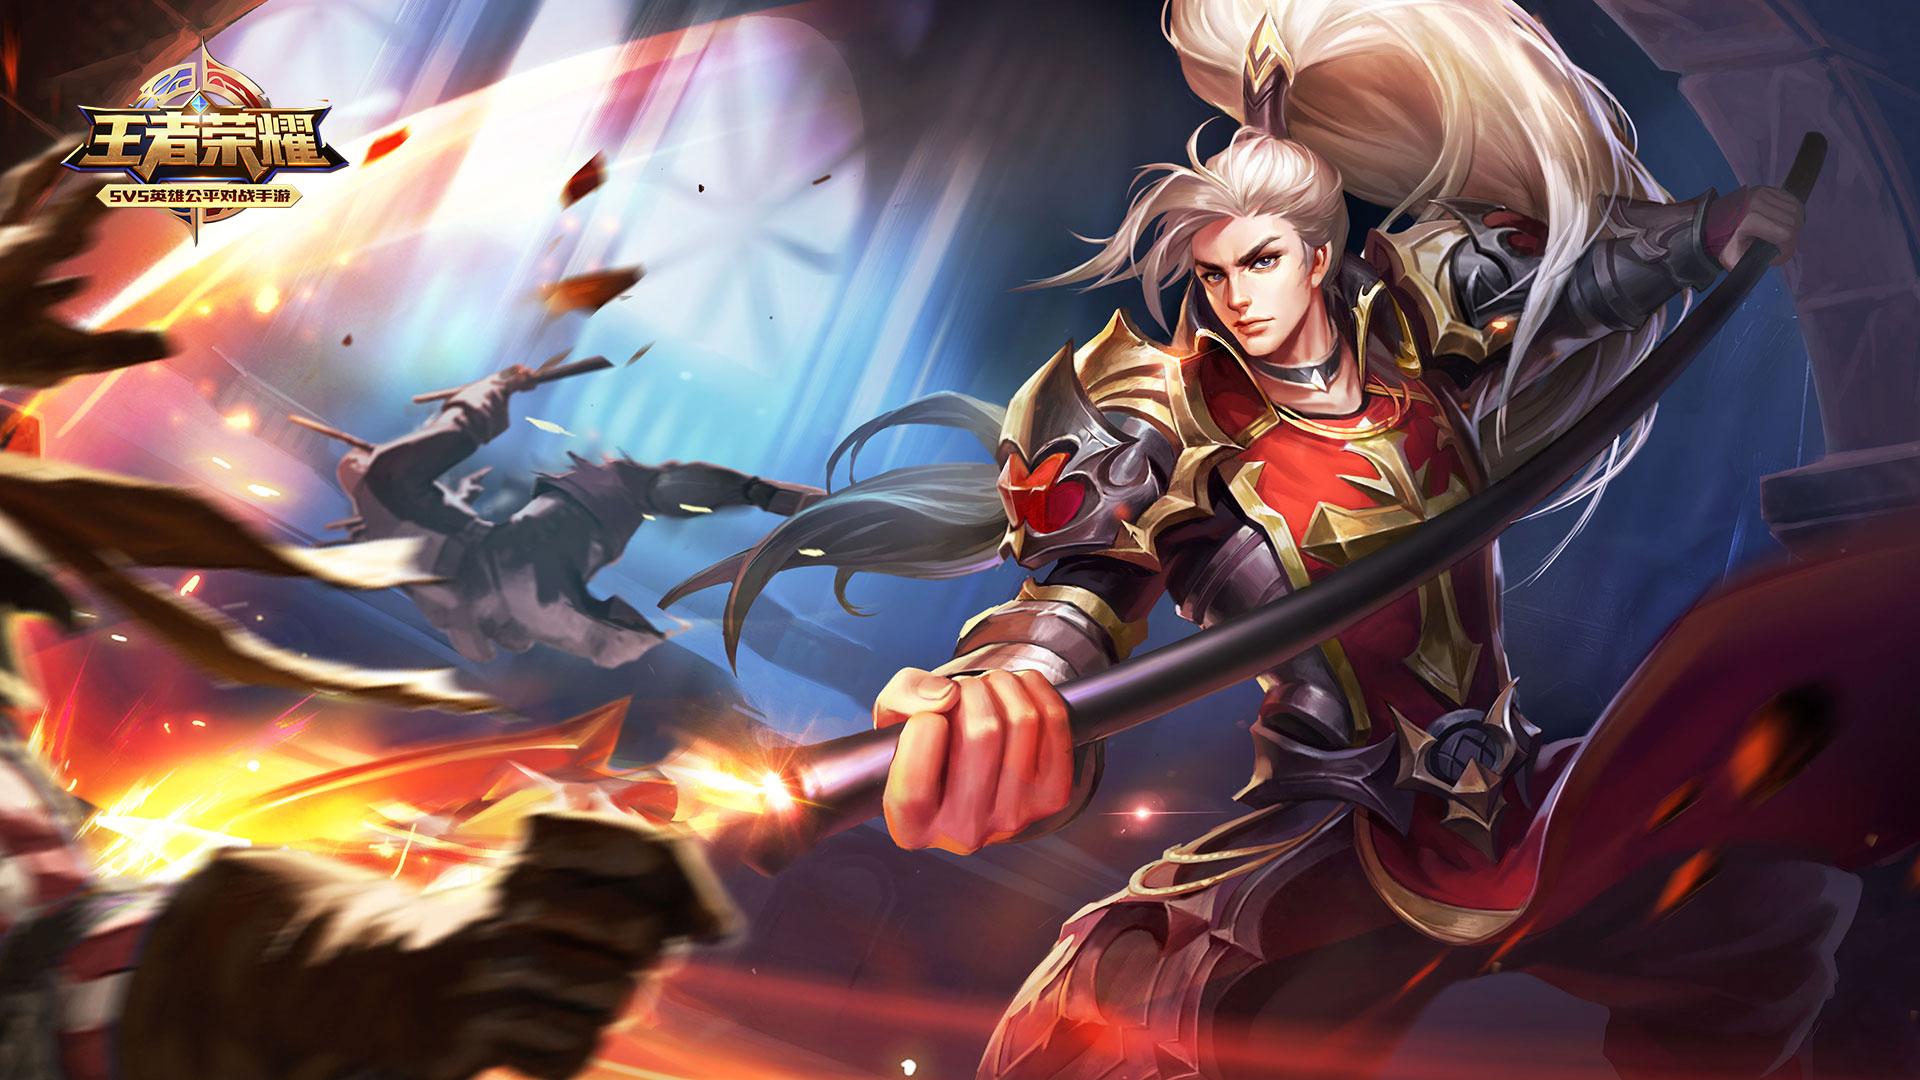 第1弹《王者荣耀英雄皮肤CG》竞技游戏101